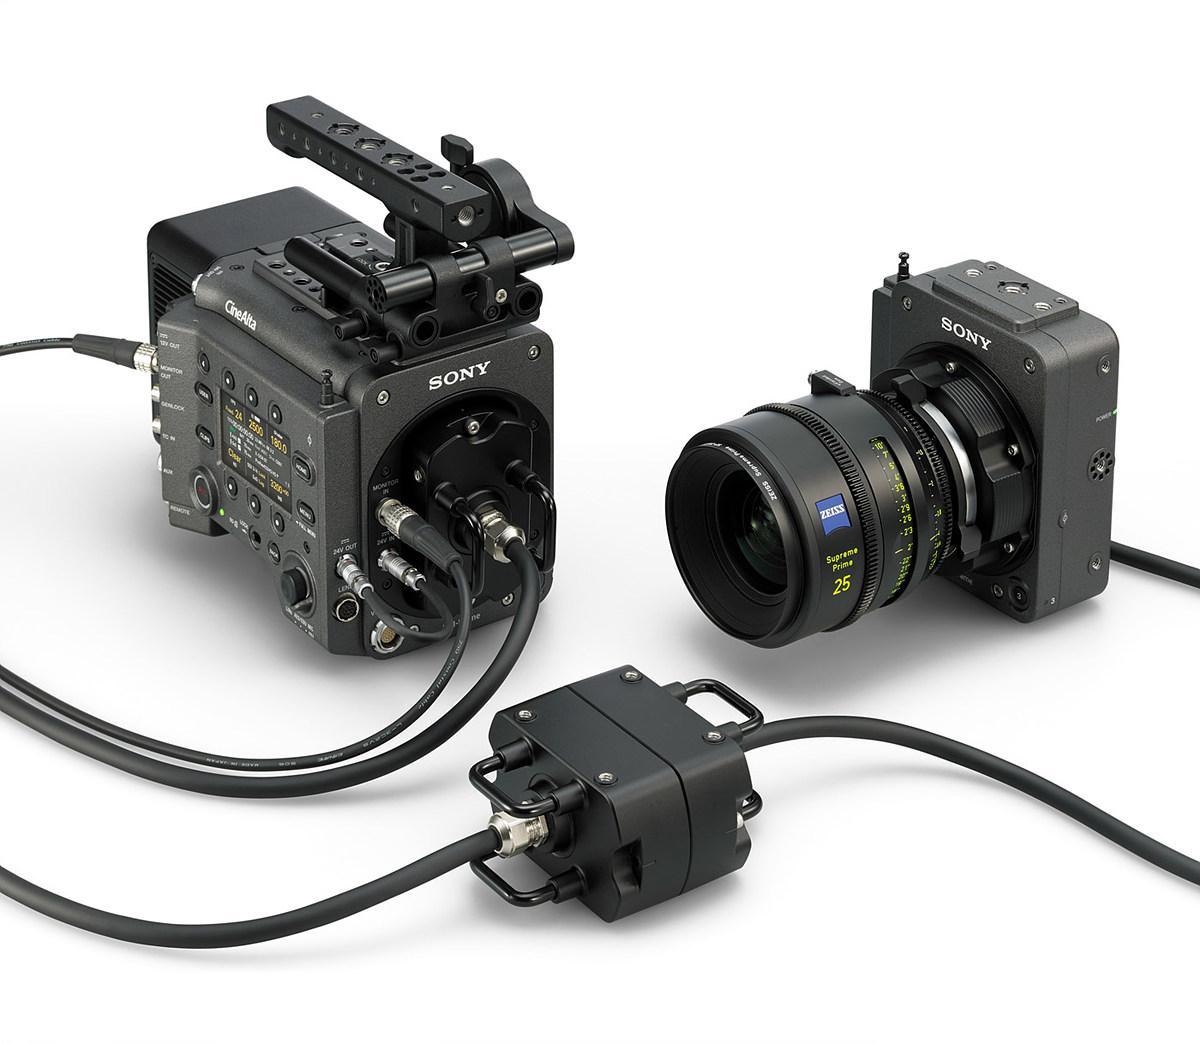 CineAlta 카메라 VENICE 확장 시스템